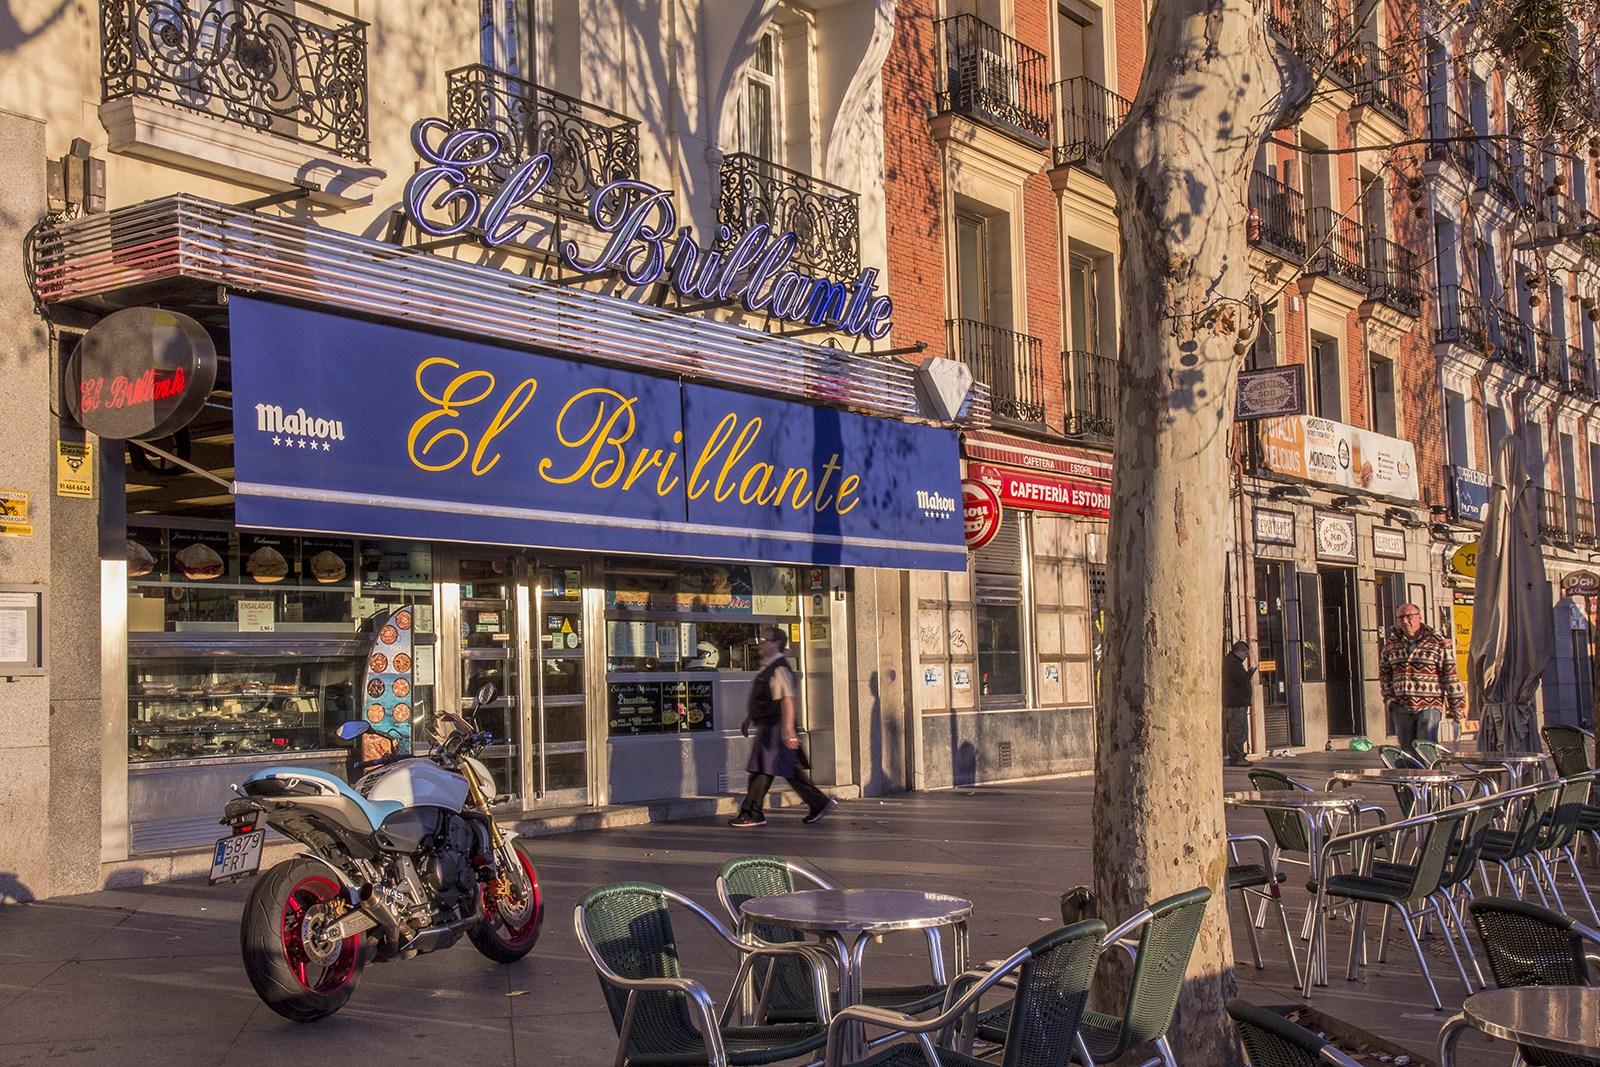 El brillante, Madrid (img barelbrillante.es)